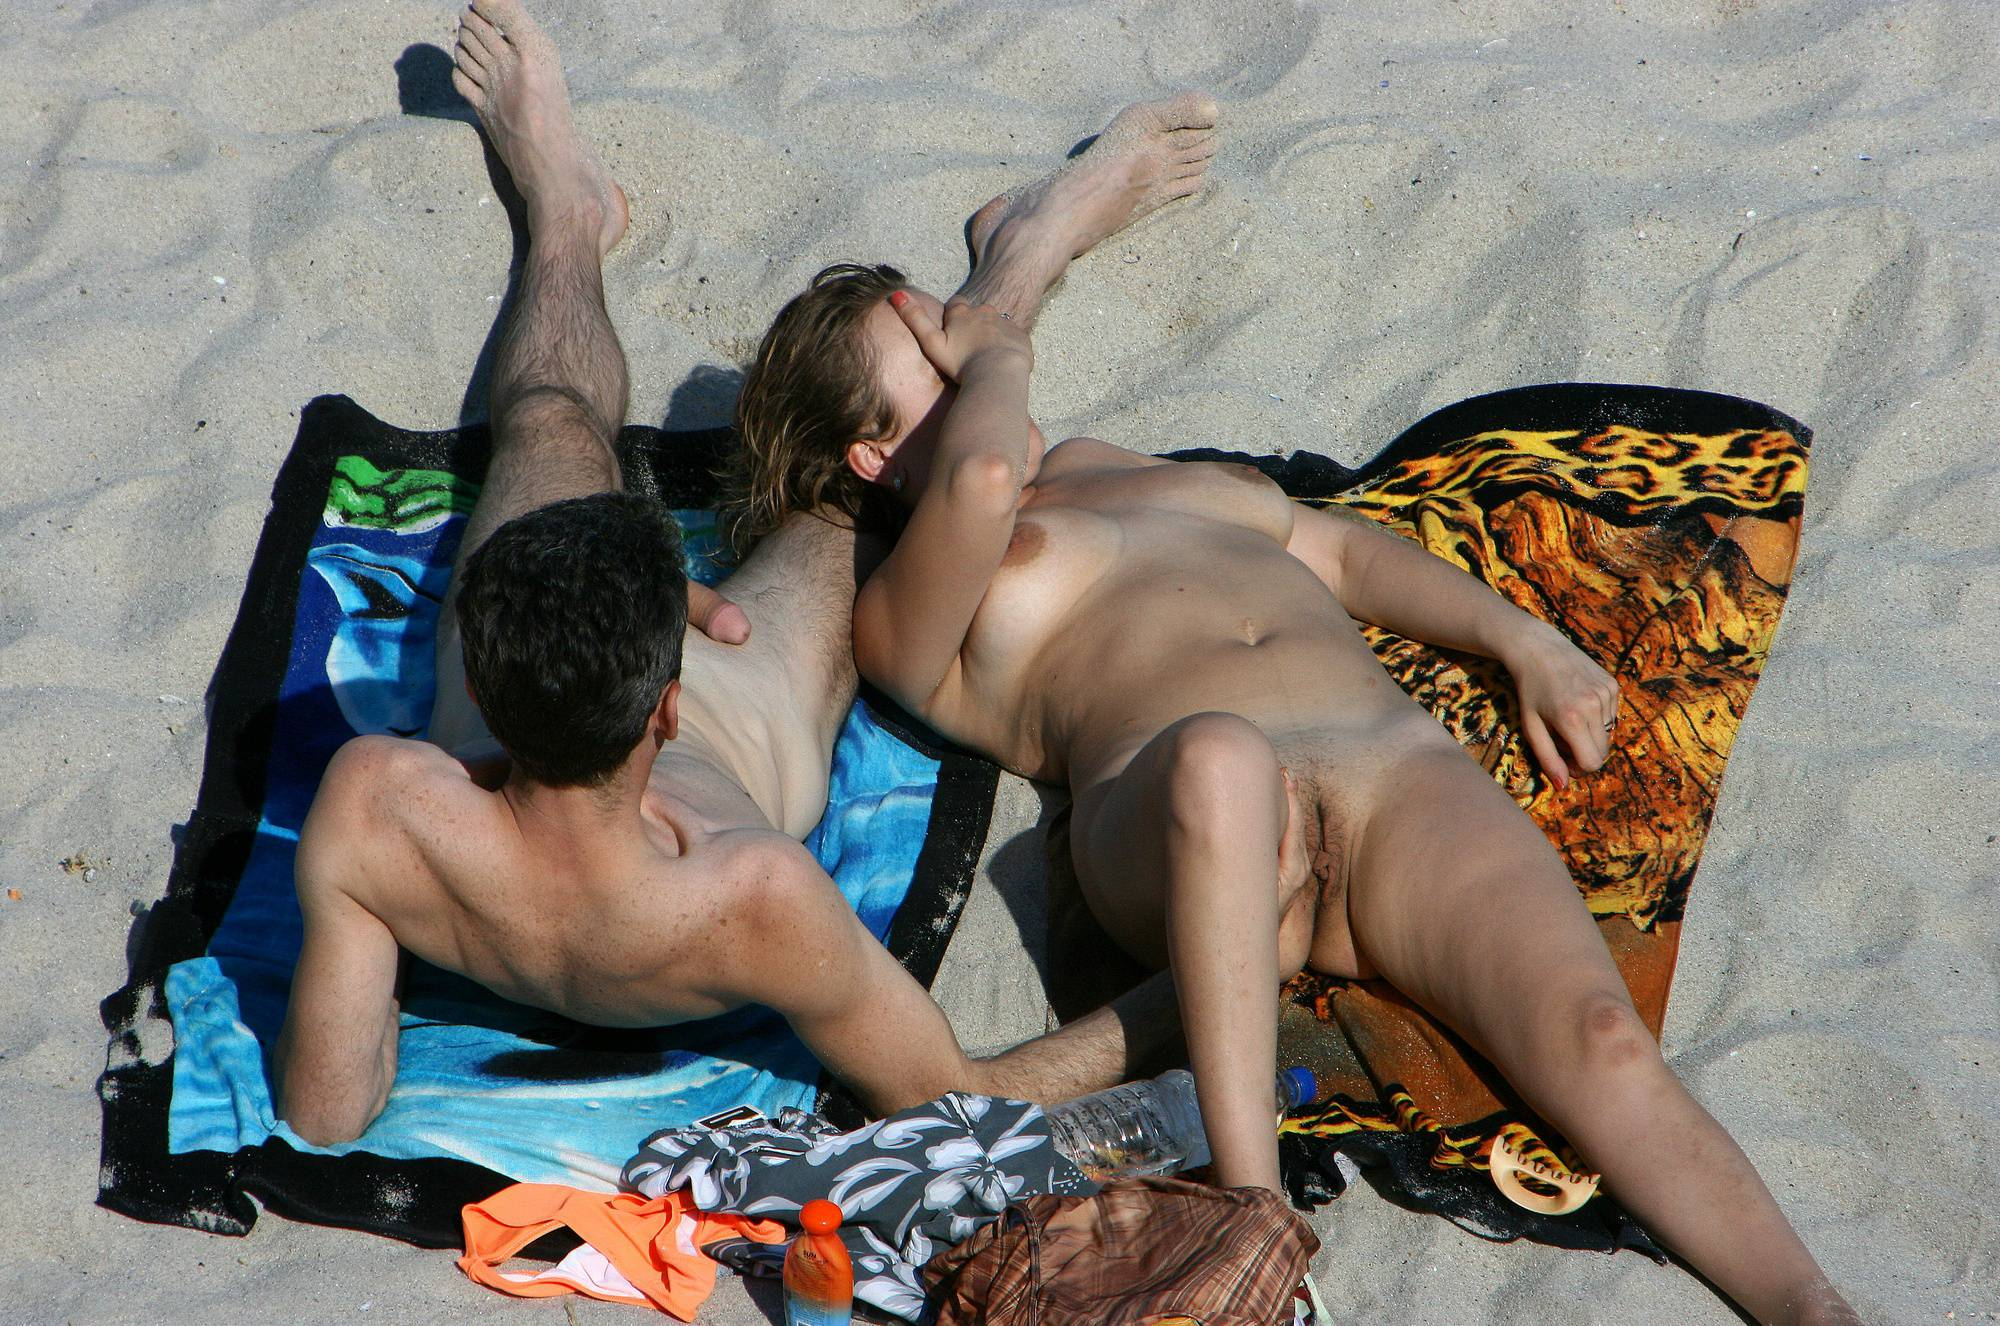 Nudist Pics Bulgarian Nudist Couple - 2